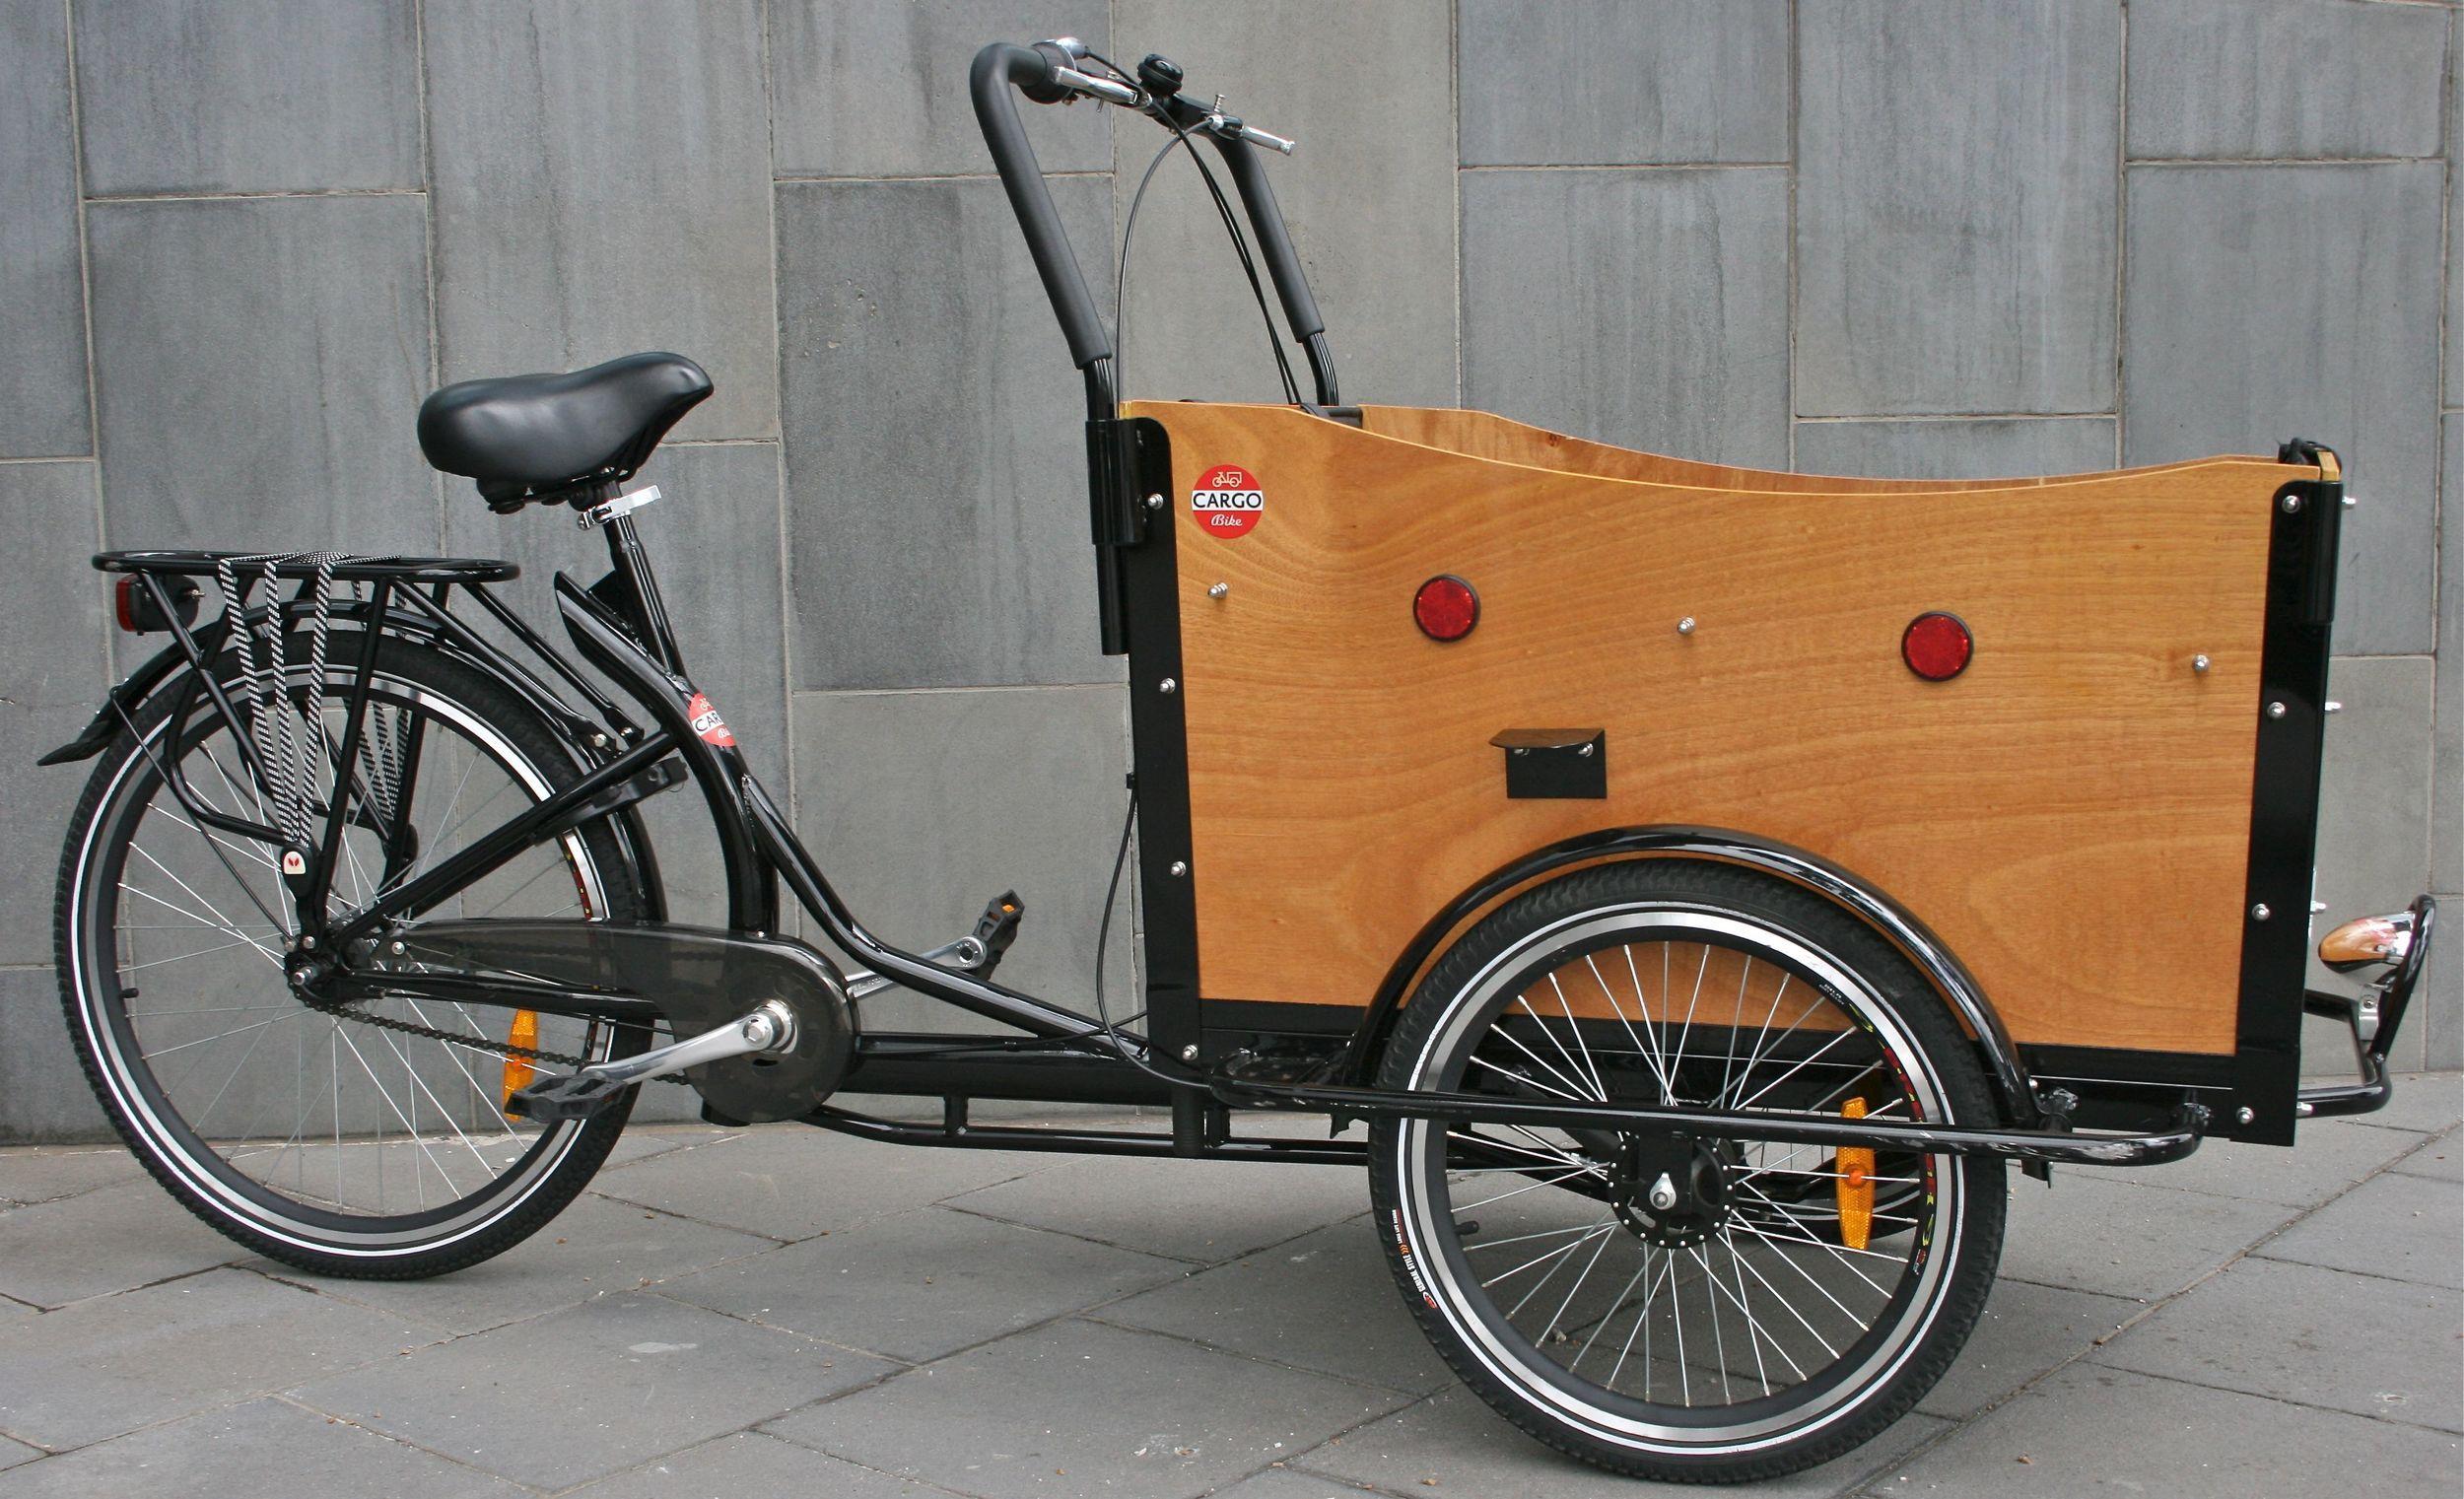 Cargobike Mk3 photo 1.jpg